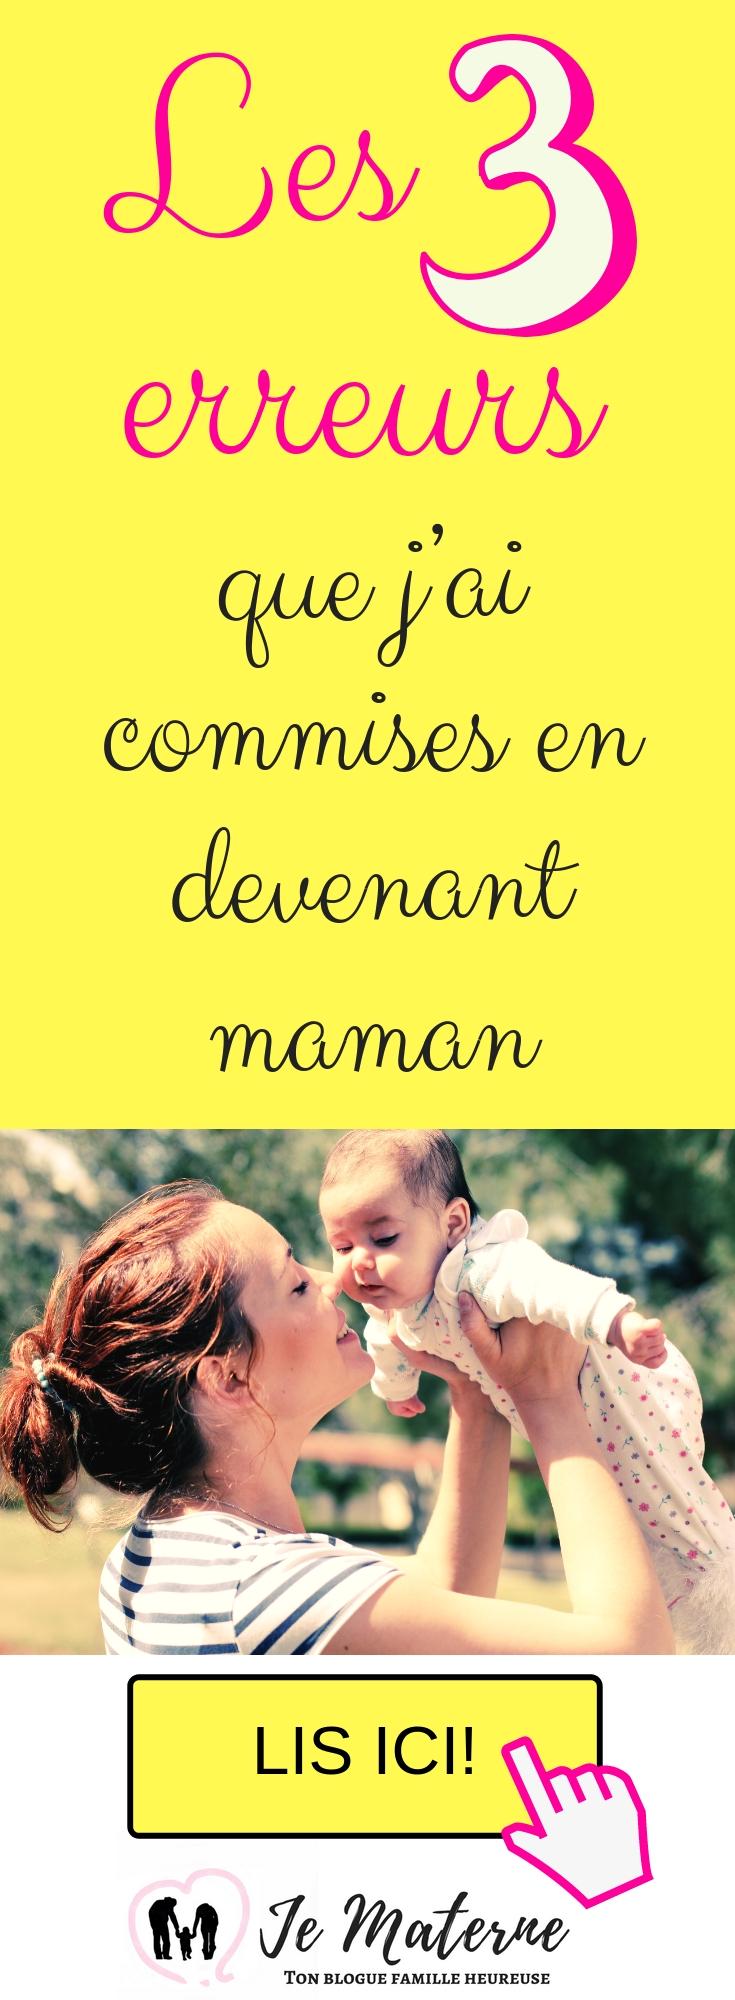 Les 3 erreurs que j'ai commises en devenant maman - à lire absolument sur JeMaterne.com #viedemaman #maman #bébé #enfants https://jematerne.com/2018/09/13/les-3-erreurs-que-jai-commises-en-devenant-maman